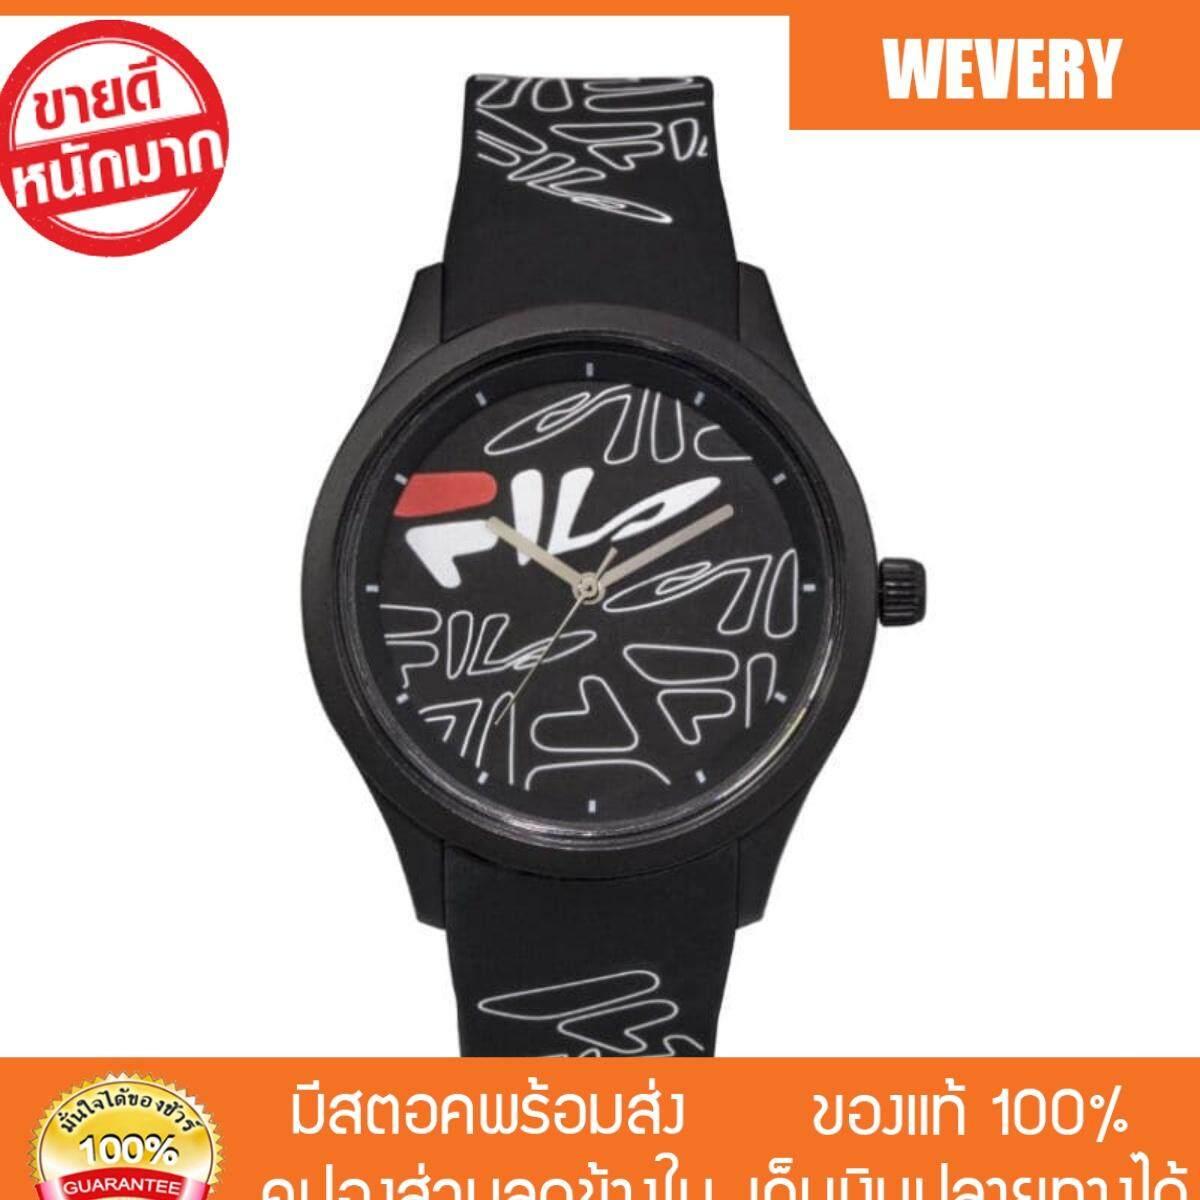 [Wevery]- FILA นาฬิกาอะนาล็อก รุ่น SS19 U 38129202 สีดำ นาฬิกาผู้หญิง นาฬิกาข้อมือ นาฬิกาเข็ม ส่ง Kerry เก็บปลายทางได้